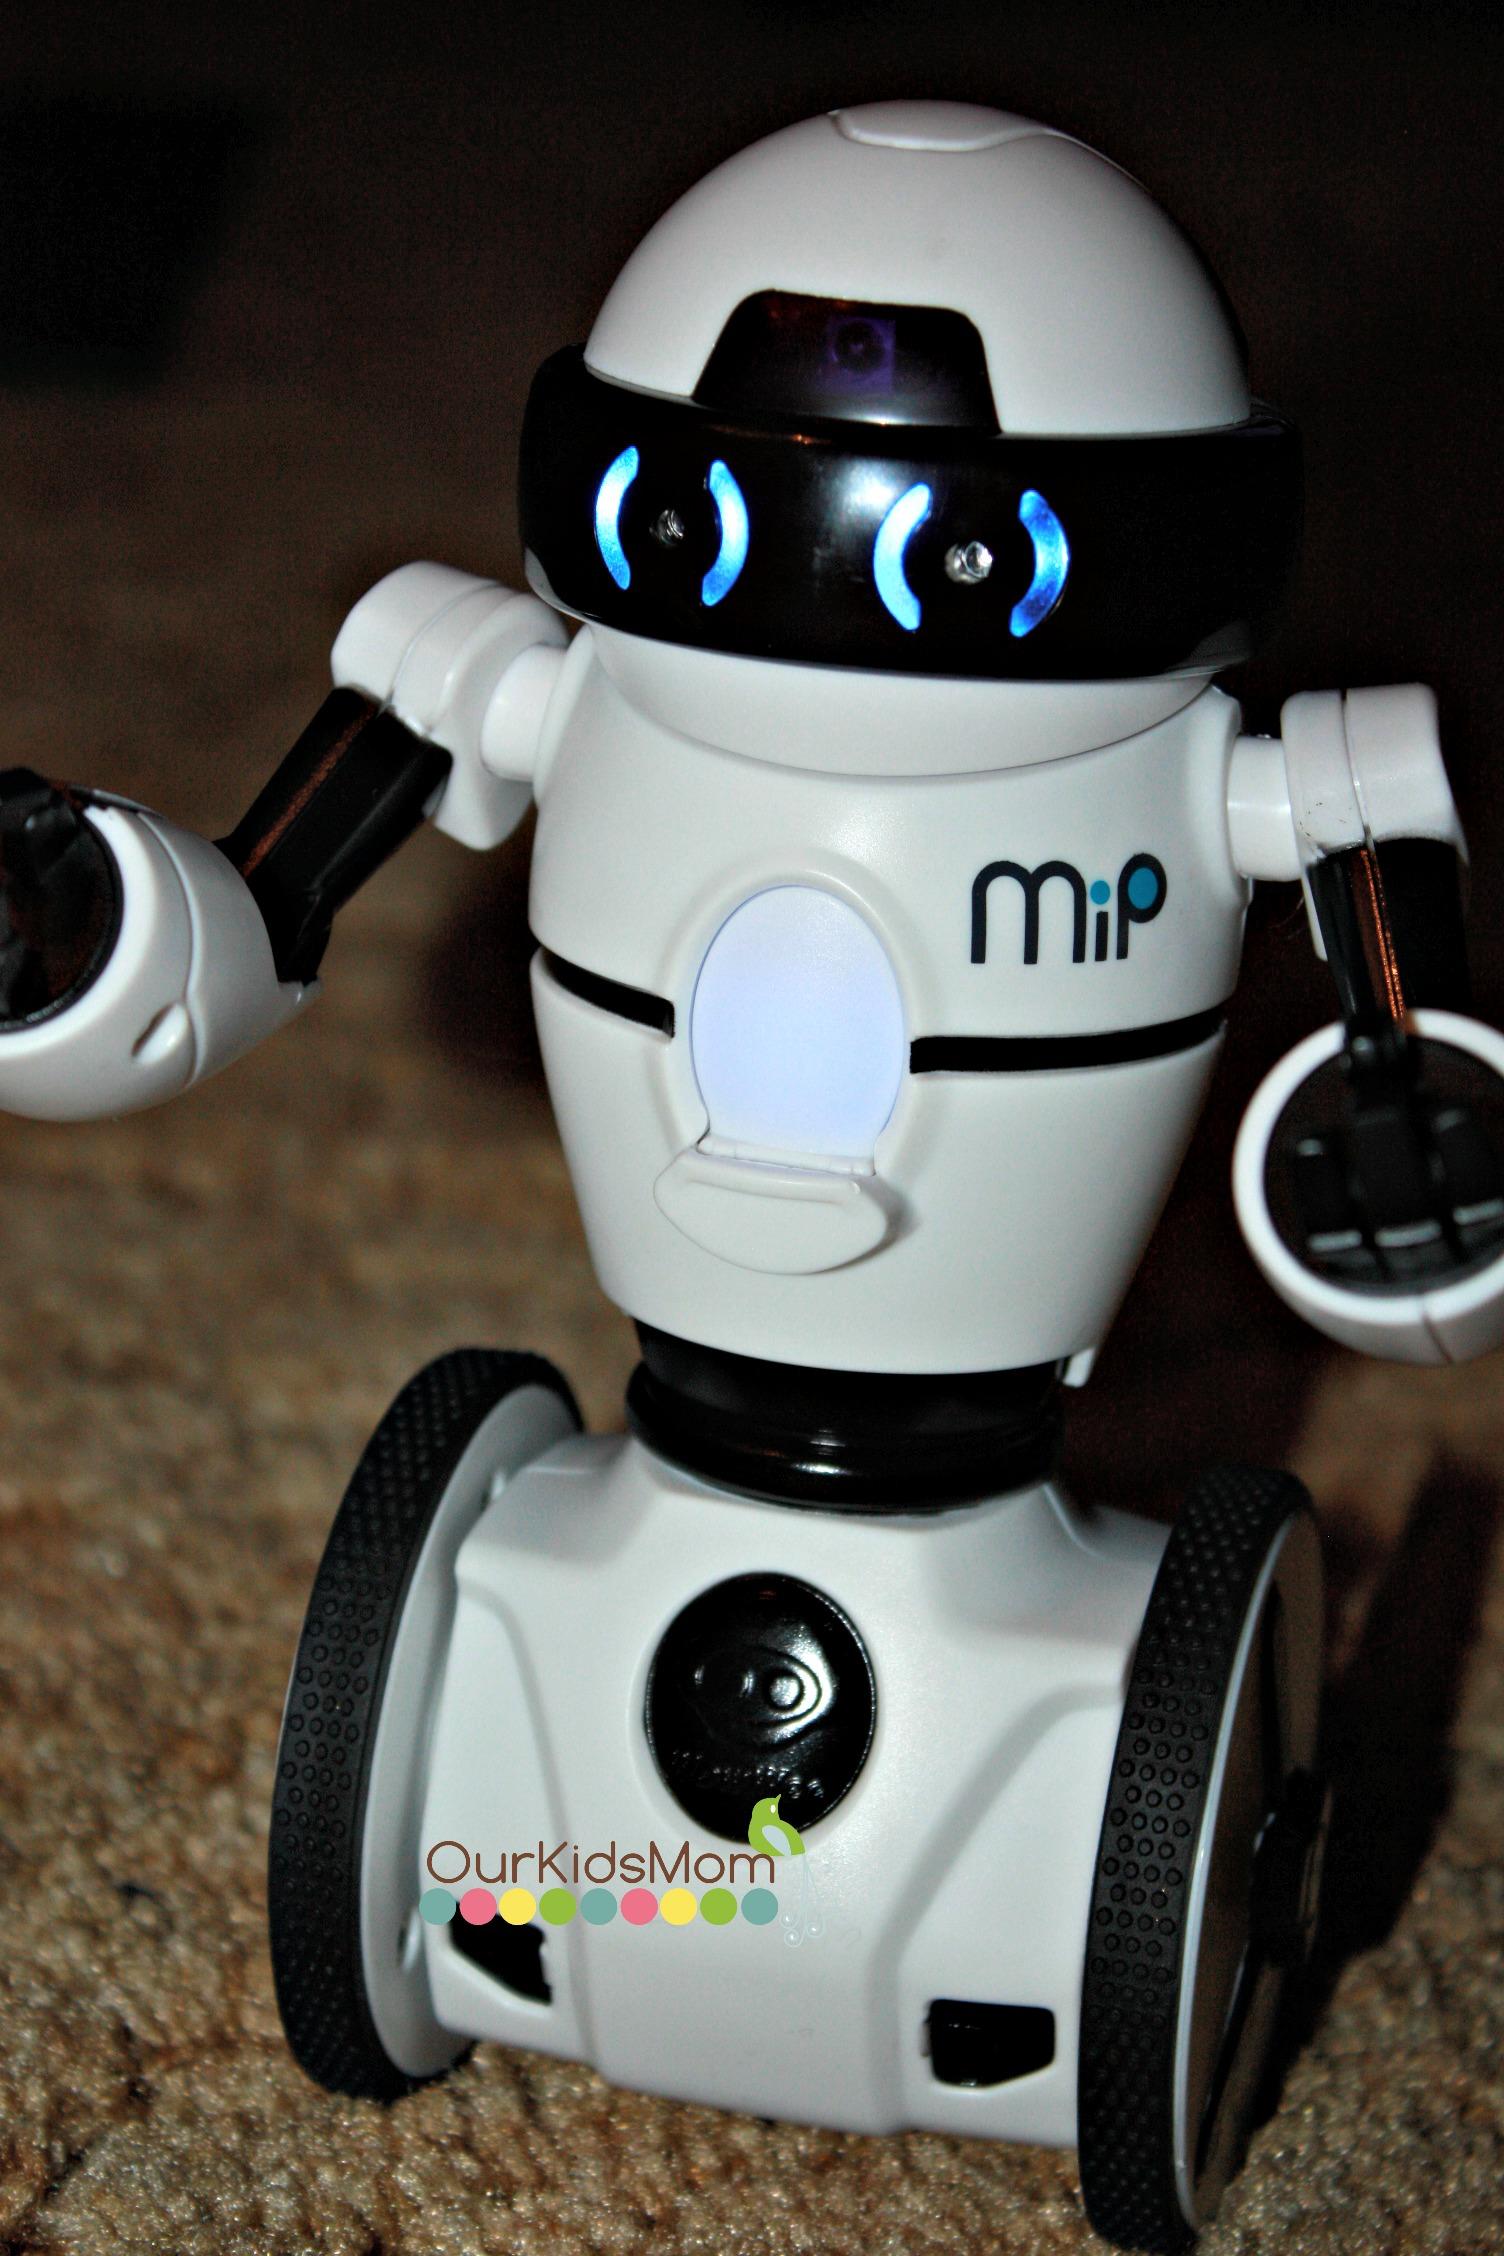 Meet MiP